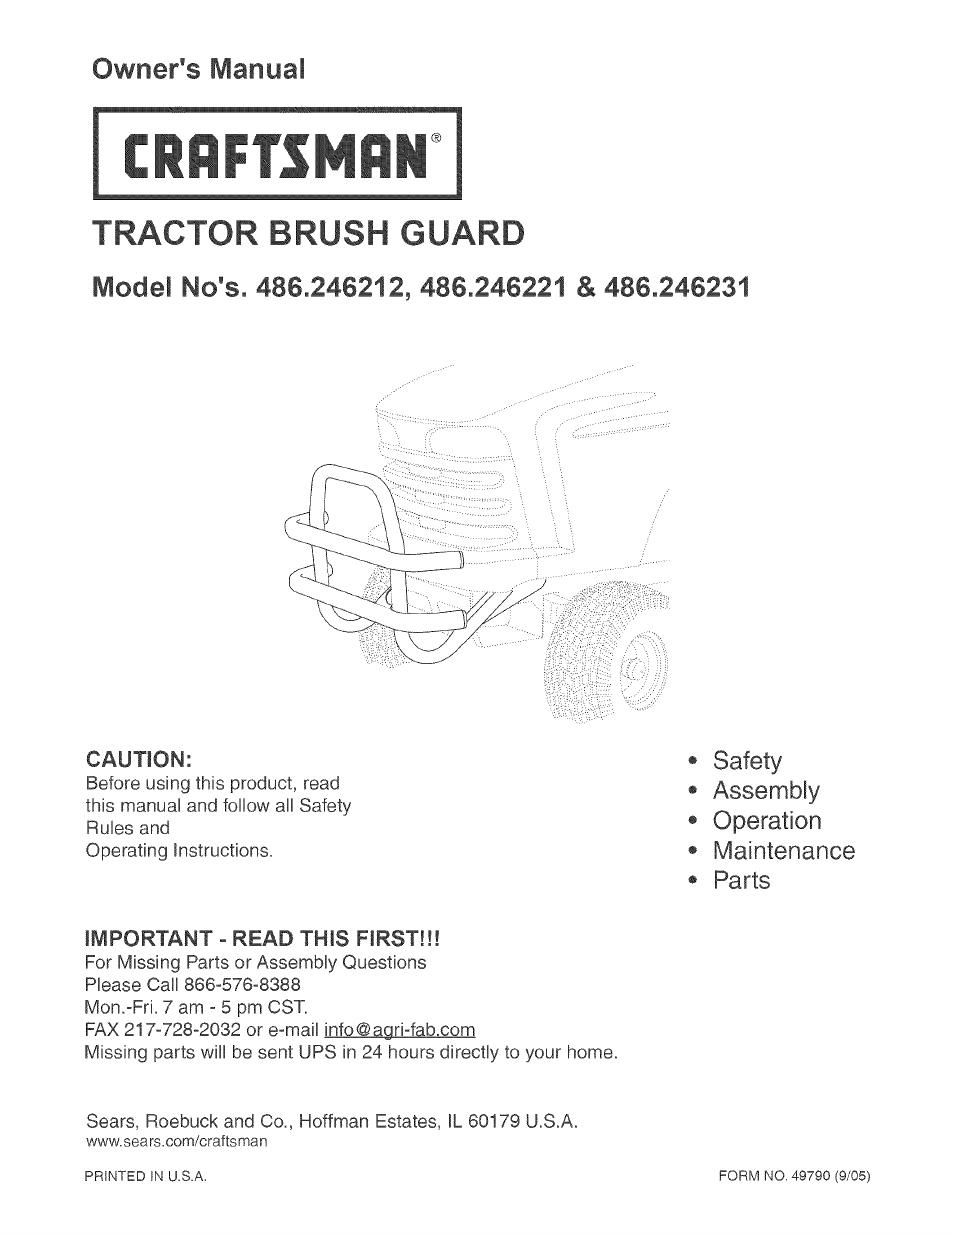 craftsman 486 246212 user manual 8 pages rh manualsdir com Craftsman Snow Thrower Manual Craftsman Lawn Tractor Manual